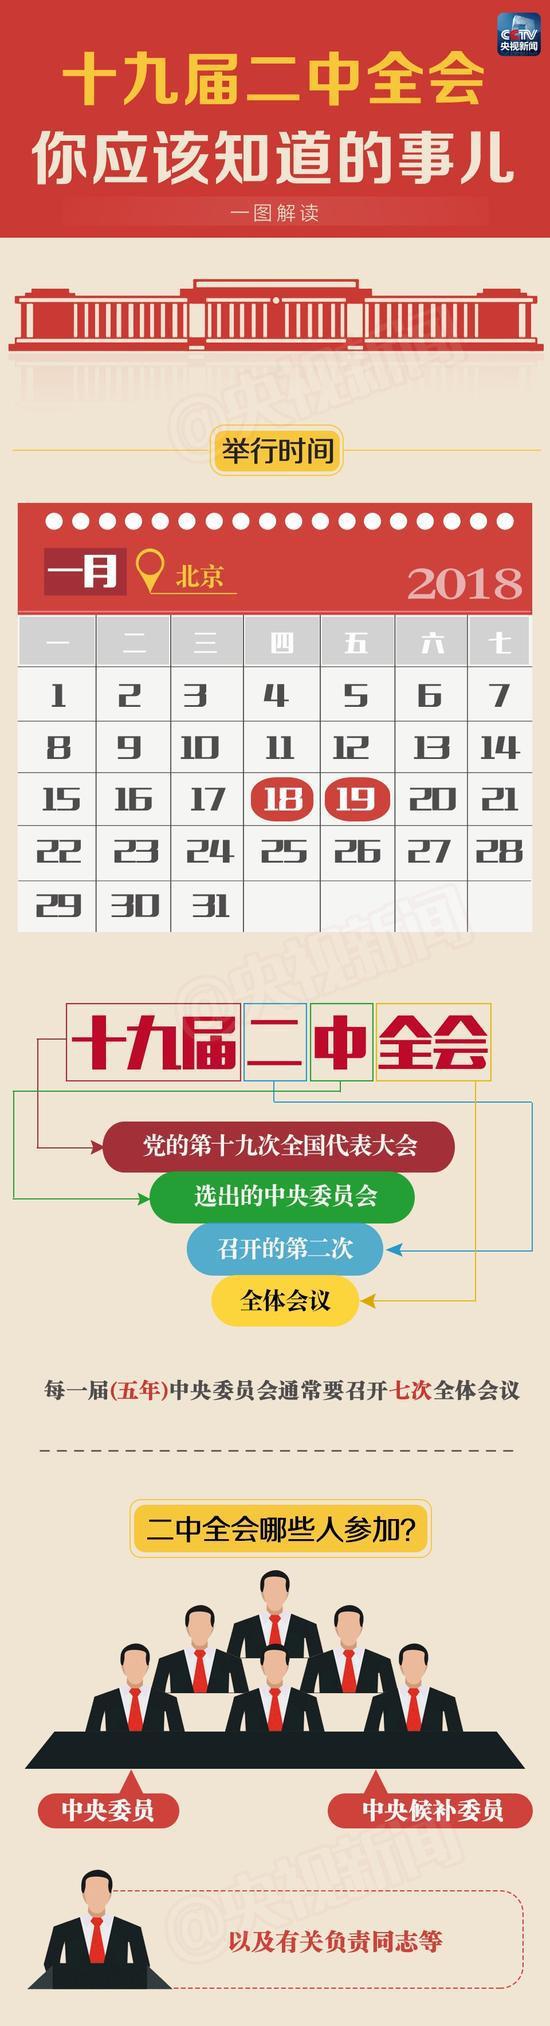 中共十九届二中全会今起在京召开 这些你应该知道